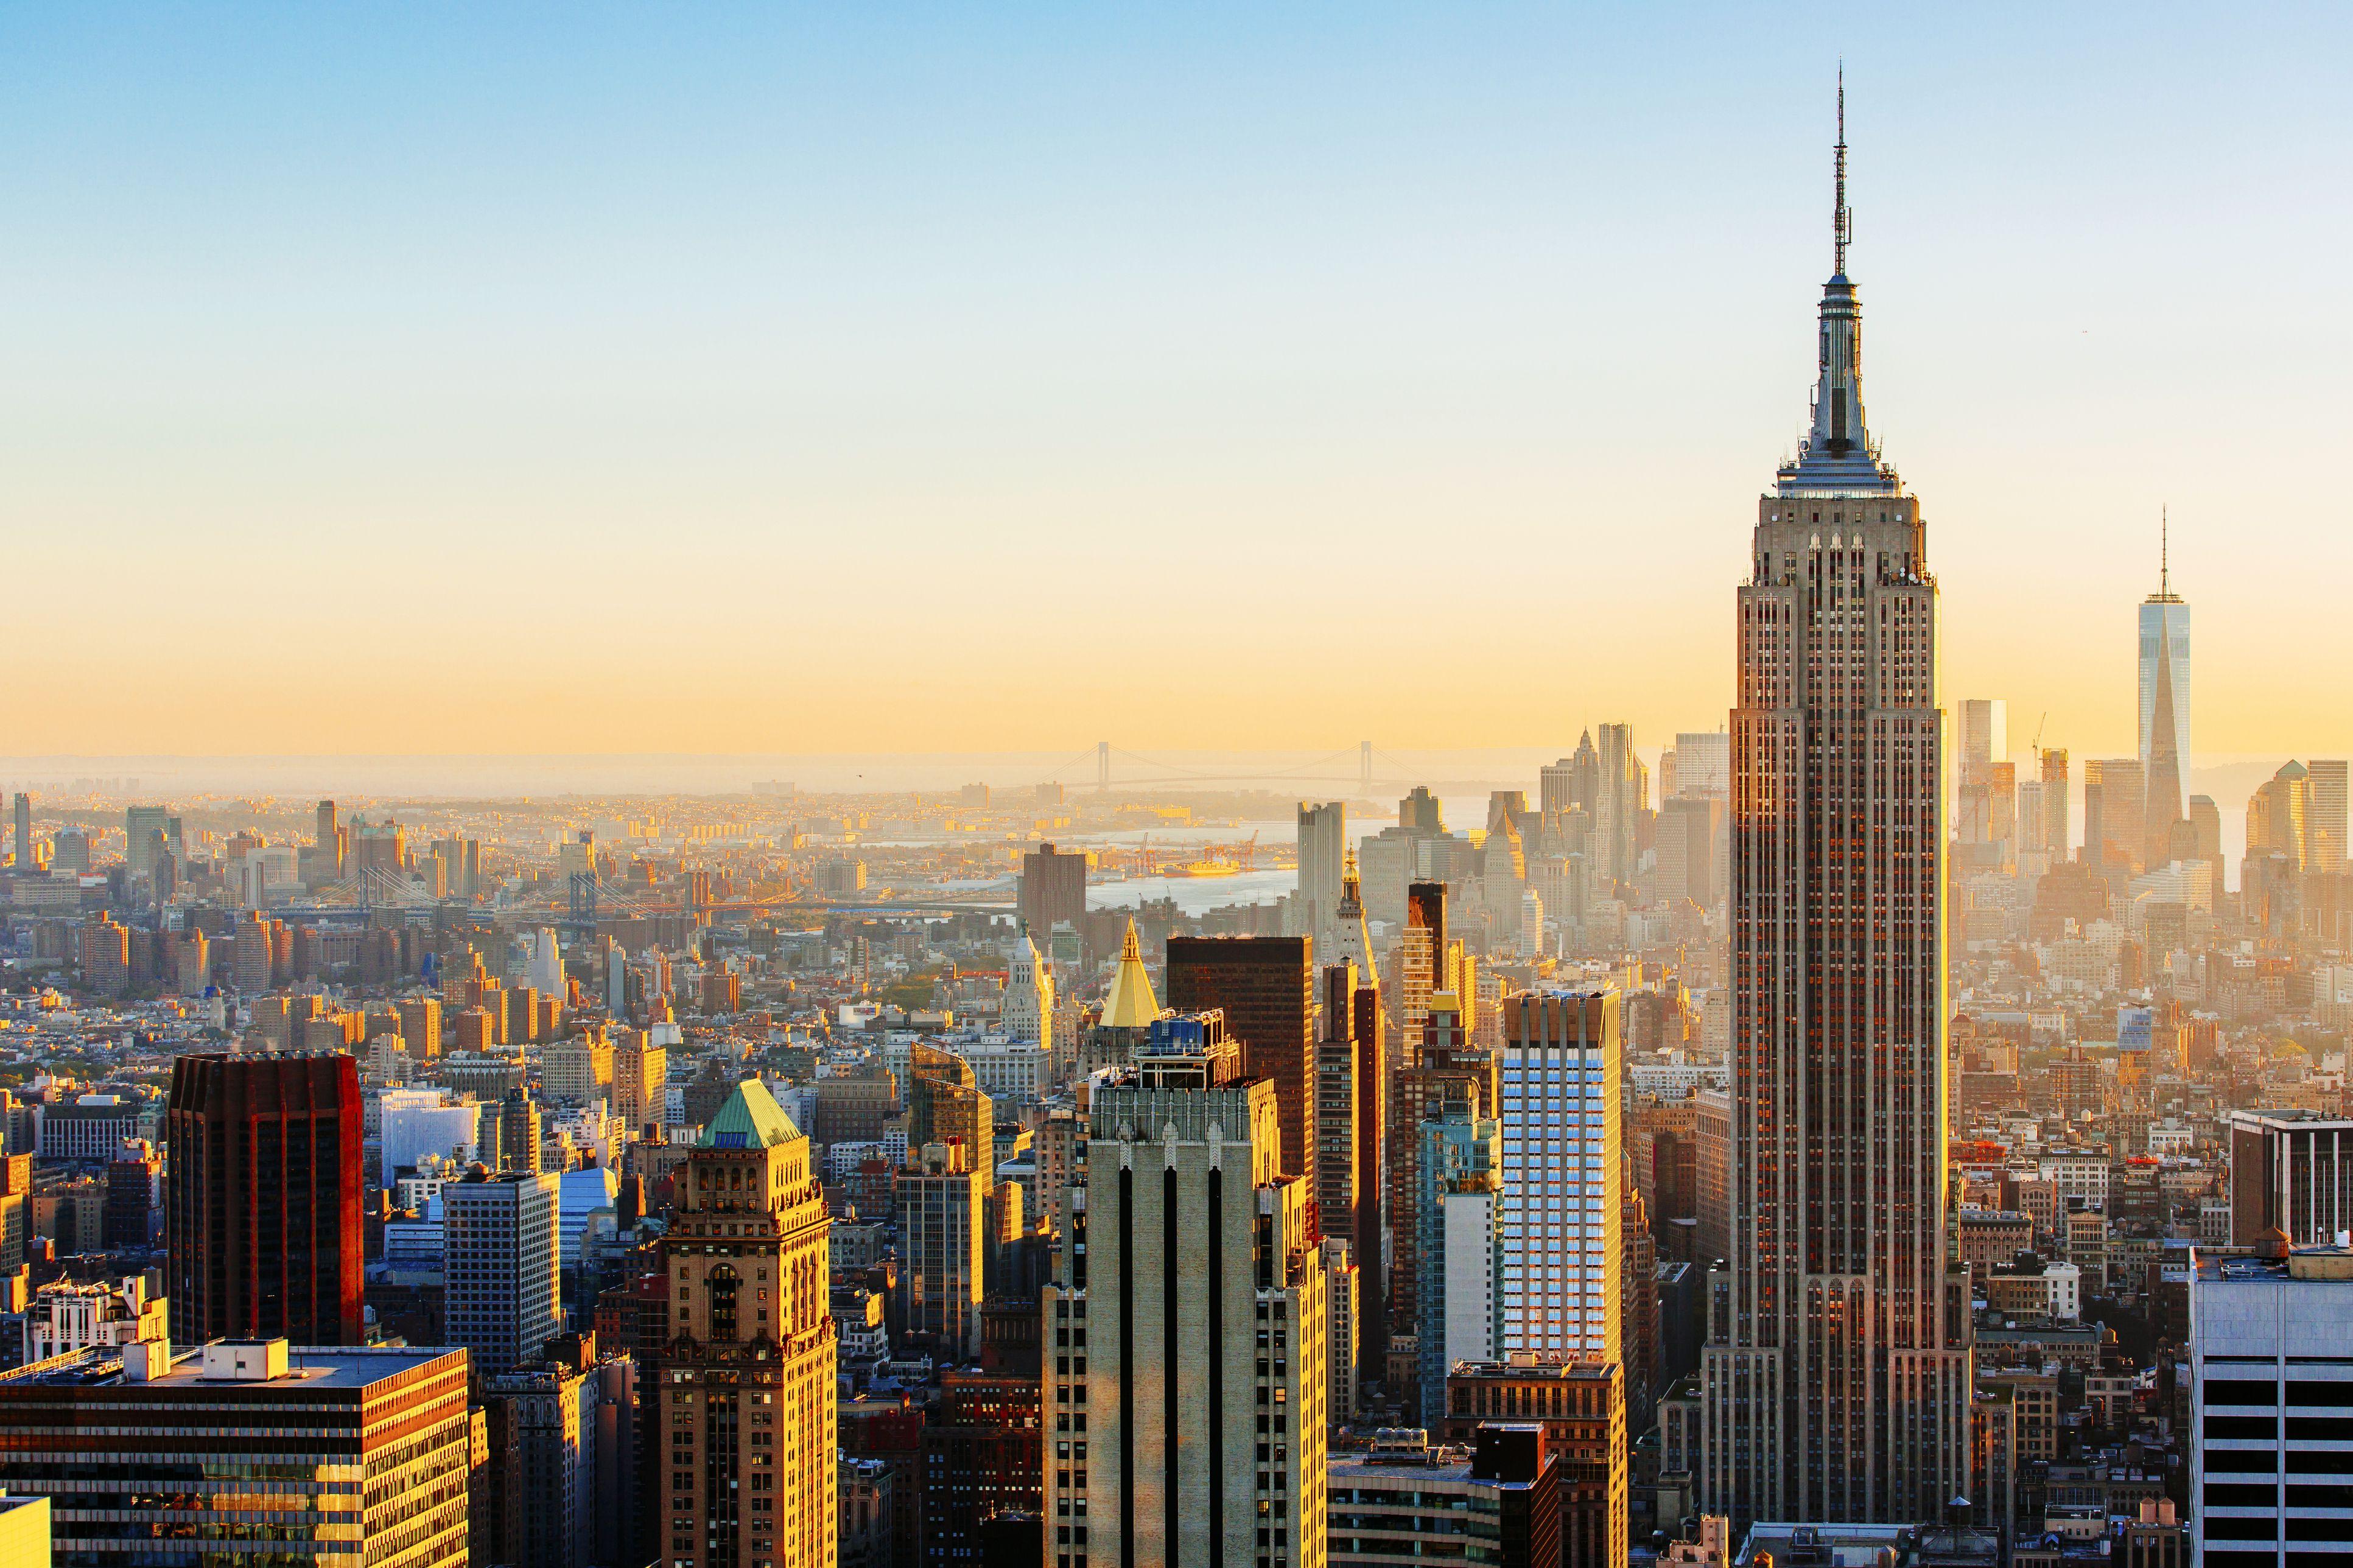 Central Park Fall Desktop Wallpaper Gossip Girl Filming Locations In New York City